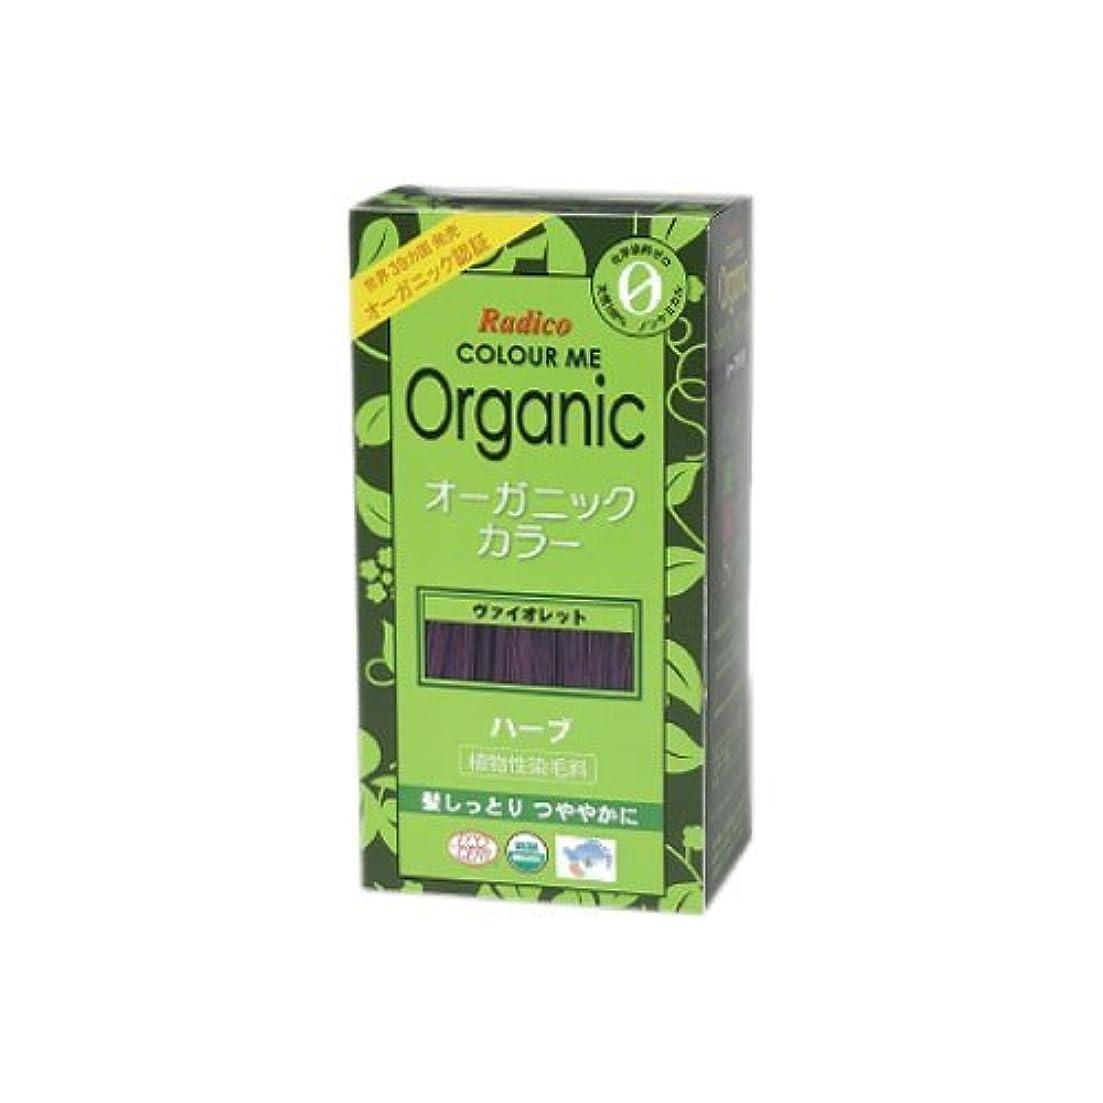 日冒険シートCOLOURME Organic (カラーミーオーガニック ヘナ 白髪用 紫色) ヴァイオレット 100g